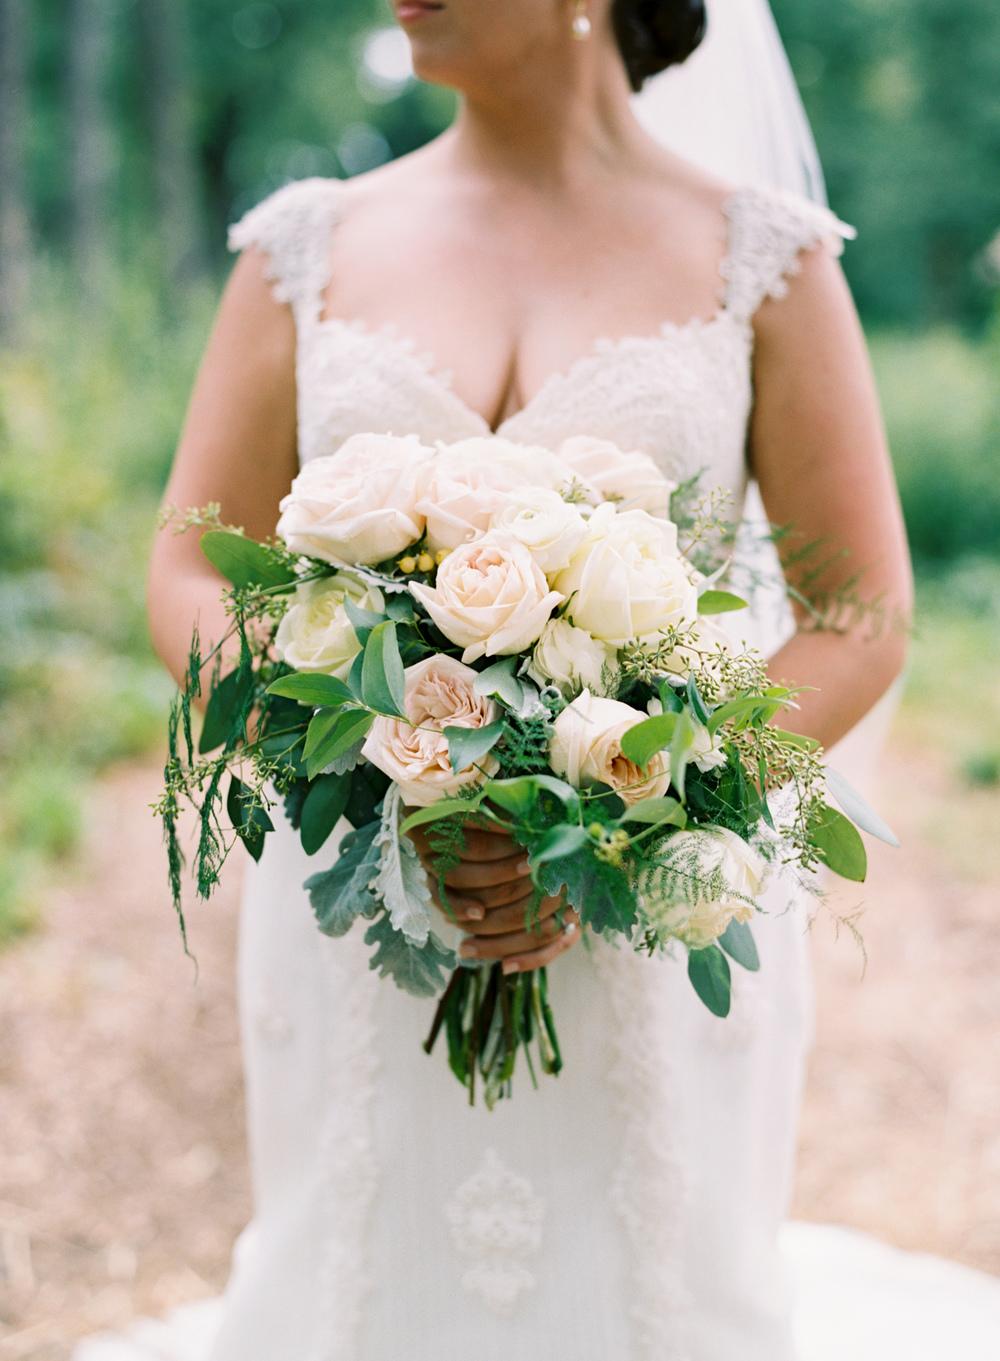 owens_wedding-366.jpg